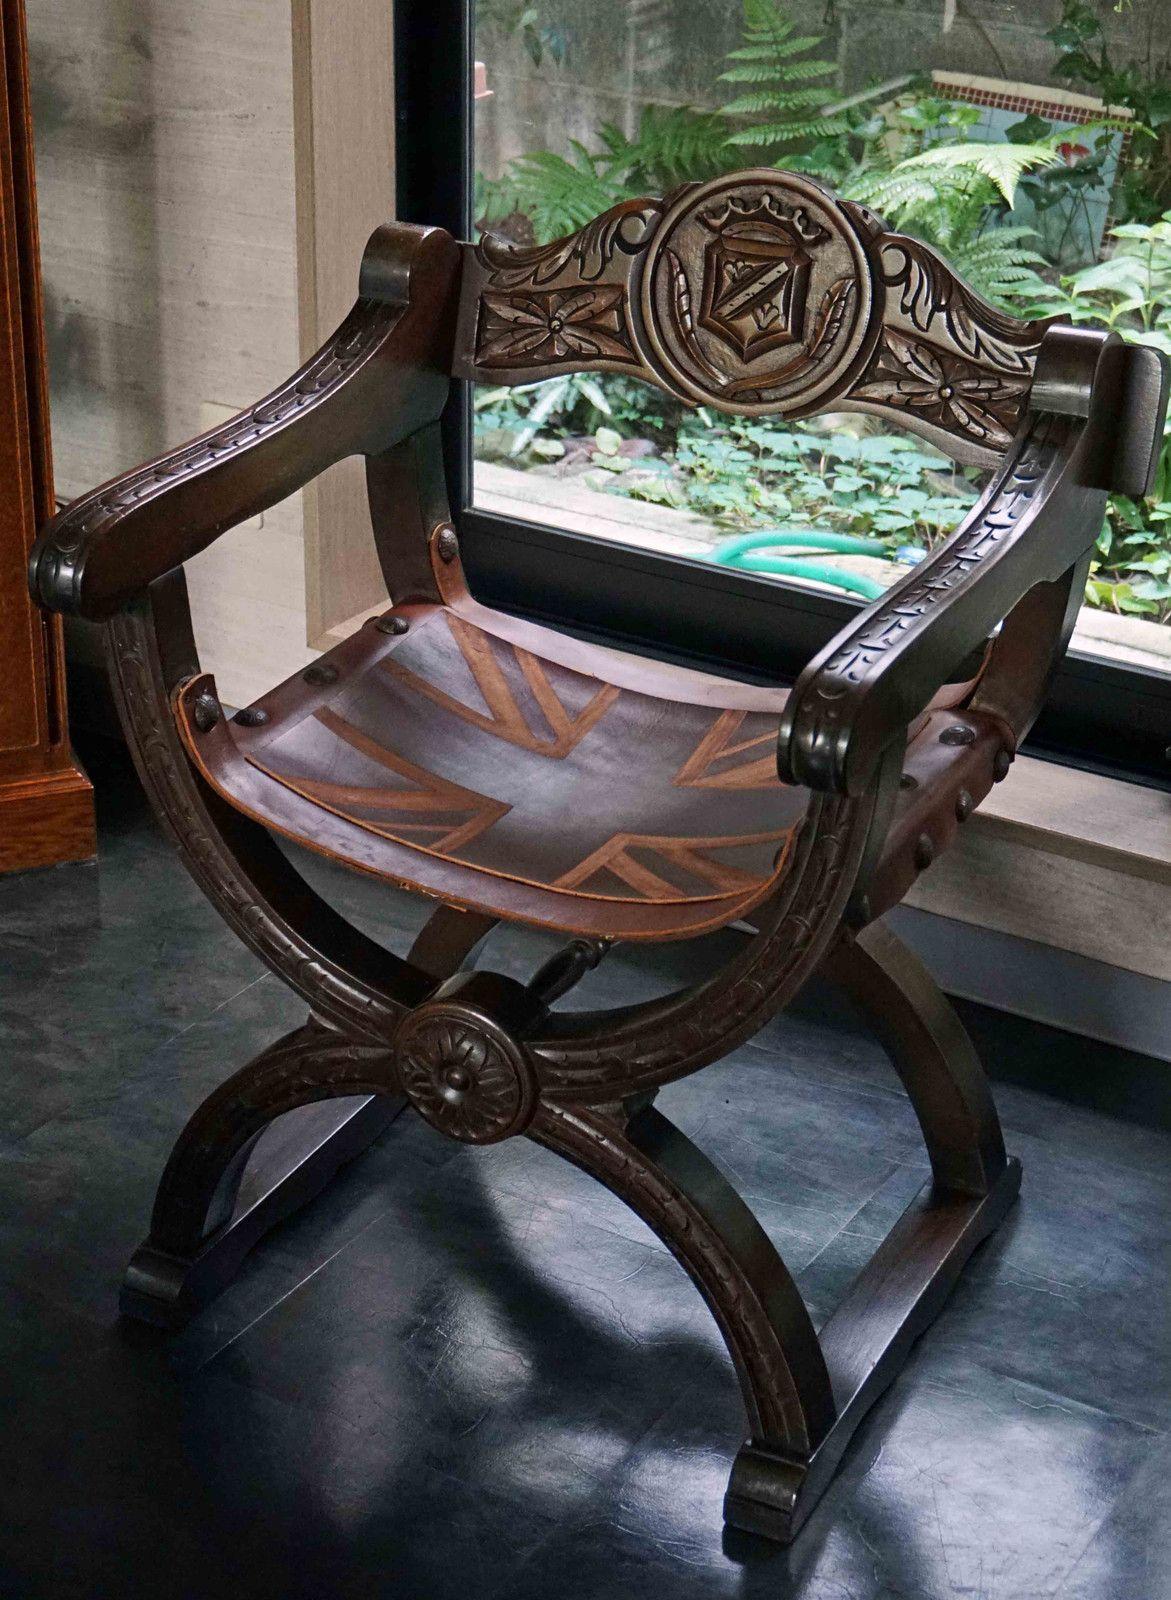 Dsc00886 Jpg 1171 1600 椅子 アカンサス アンティーク